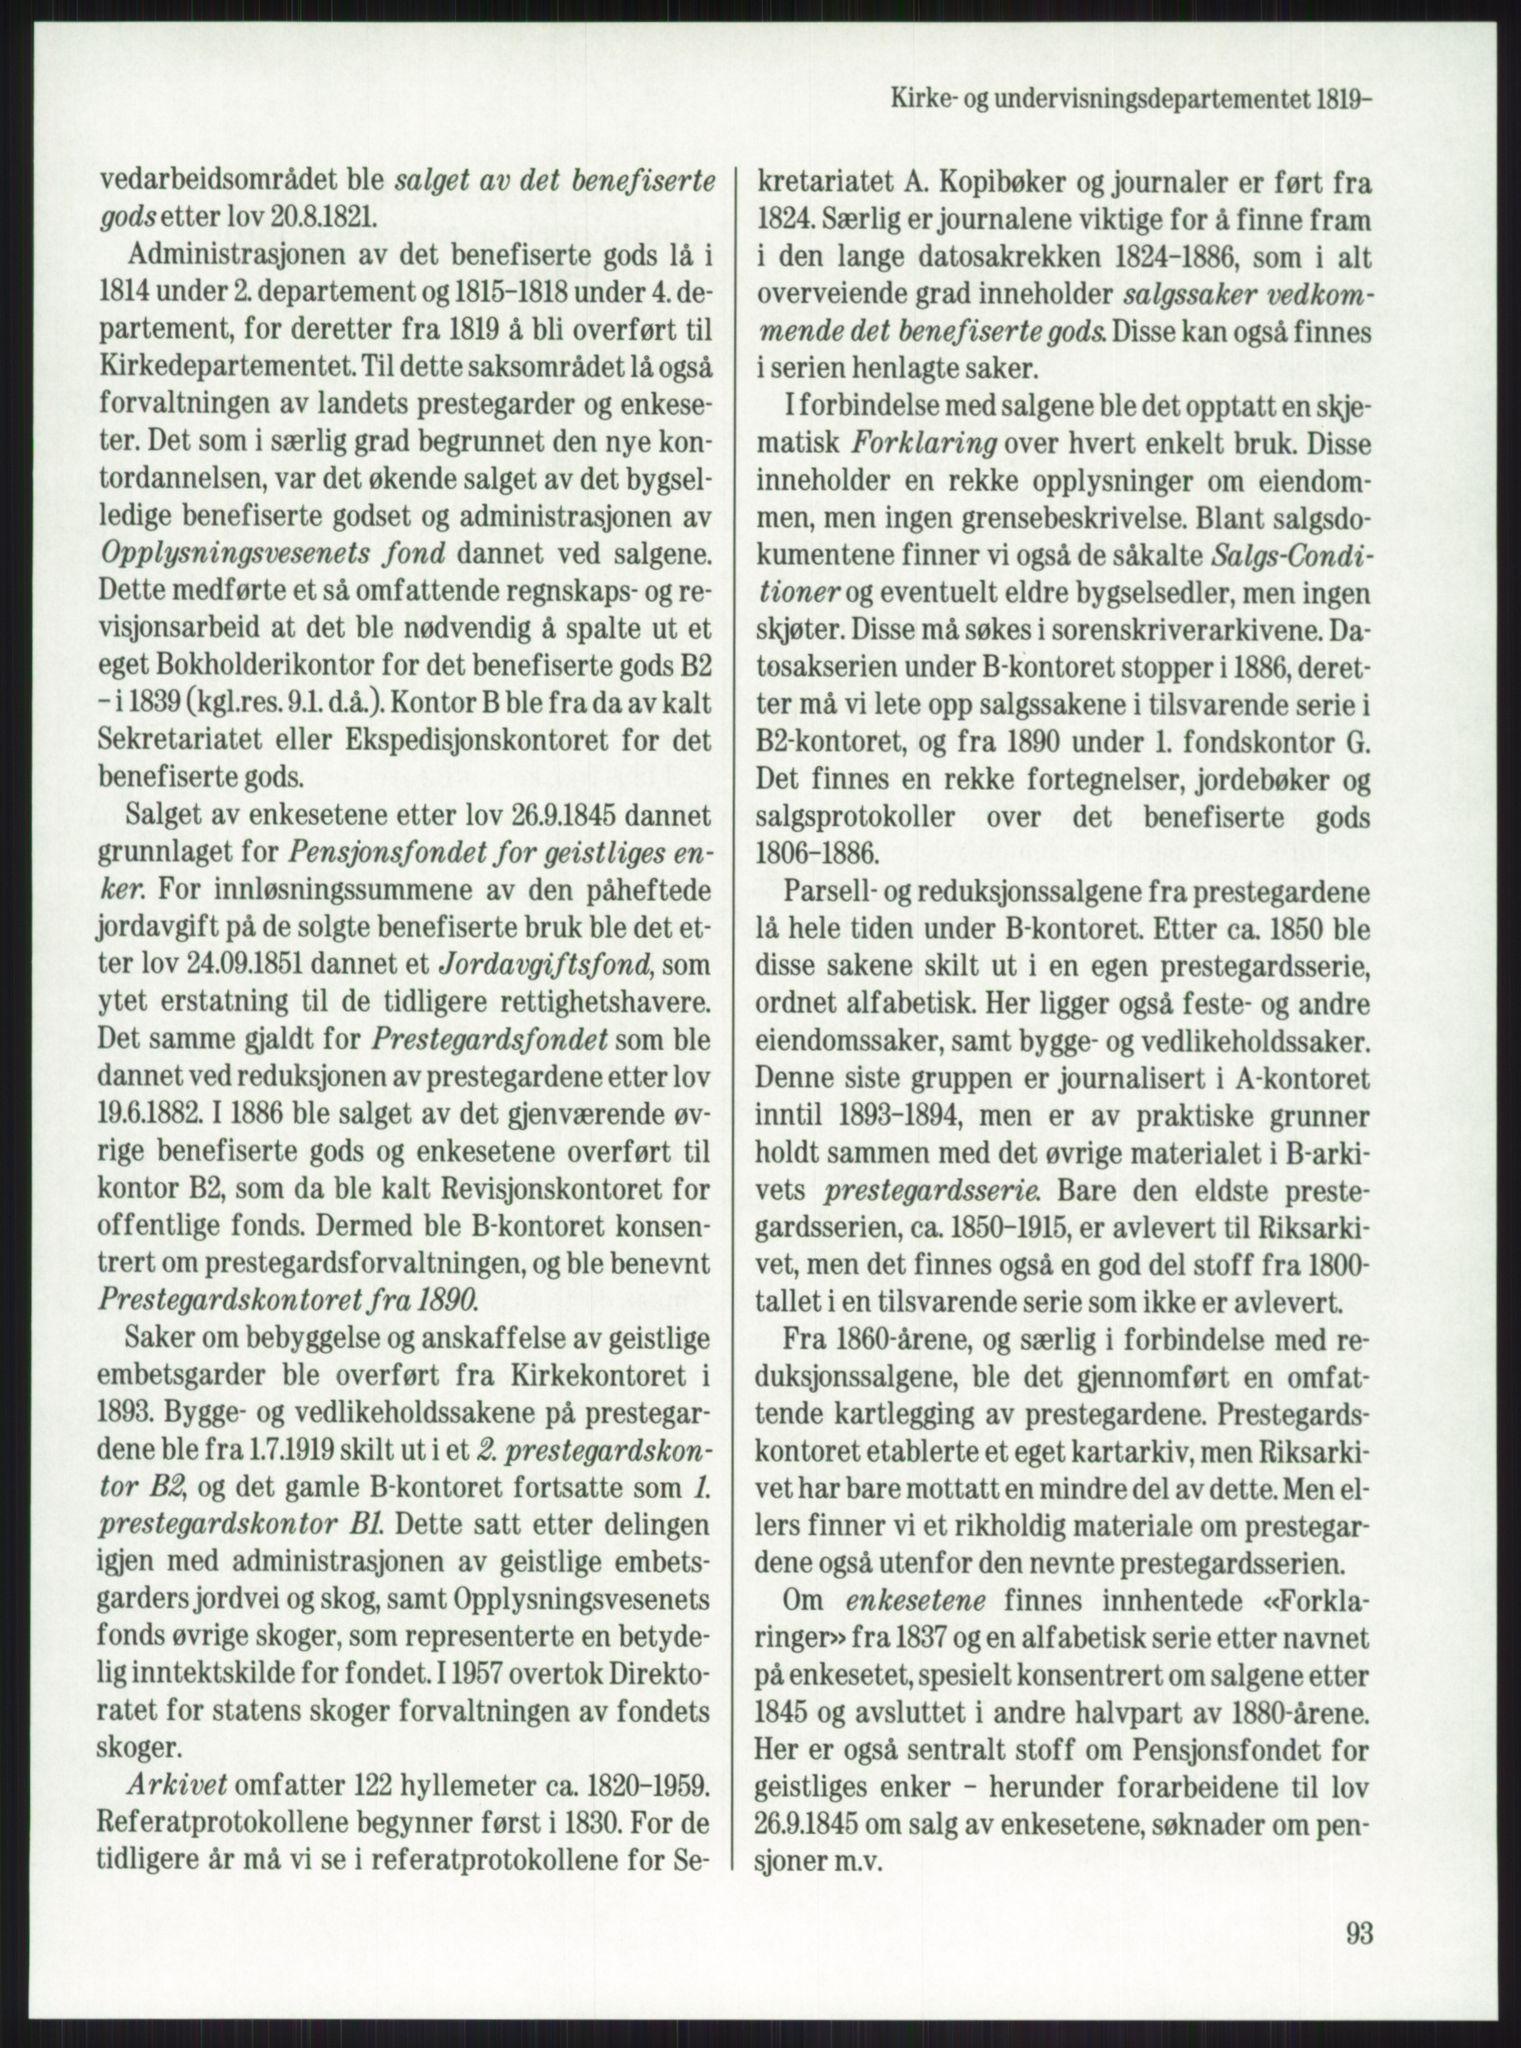 PUBL, Publikasjoner utgitt av Arkivverket, -/-: Knut Johannessen, Ole Kolsrud og Dag Mangset (red.): Håndbok for Riksarkivet (1992), 1992, s. 93